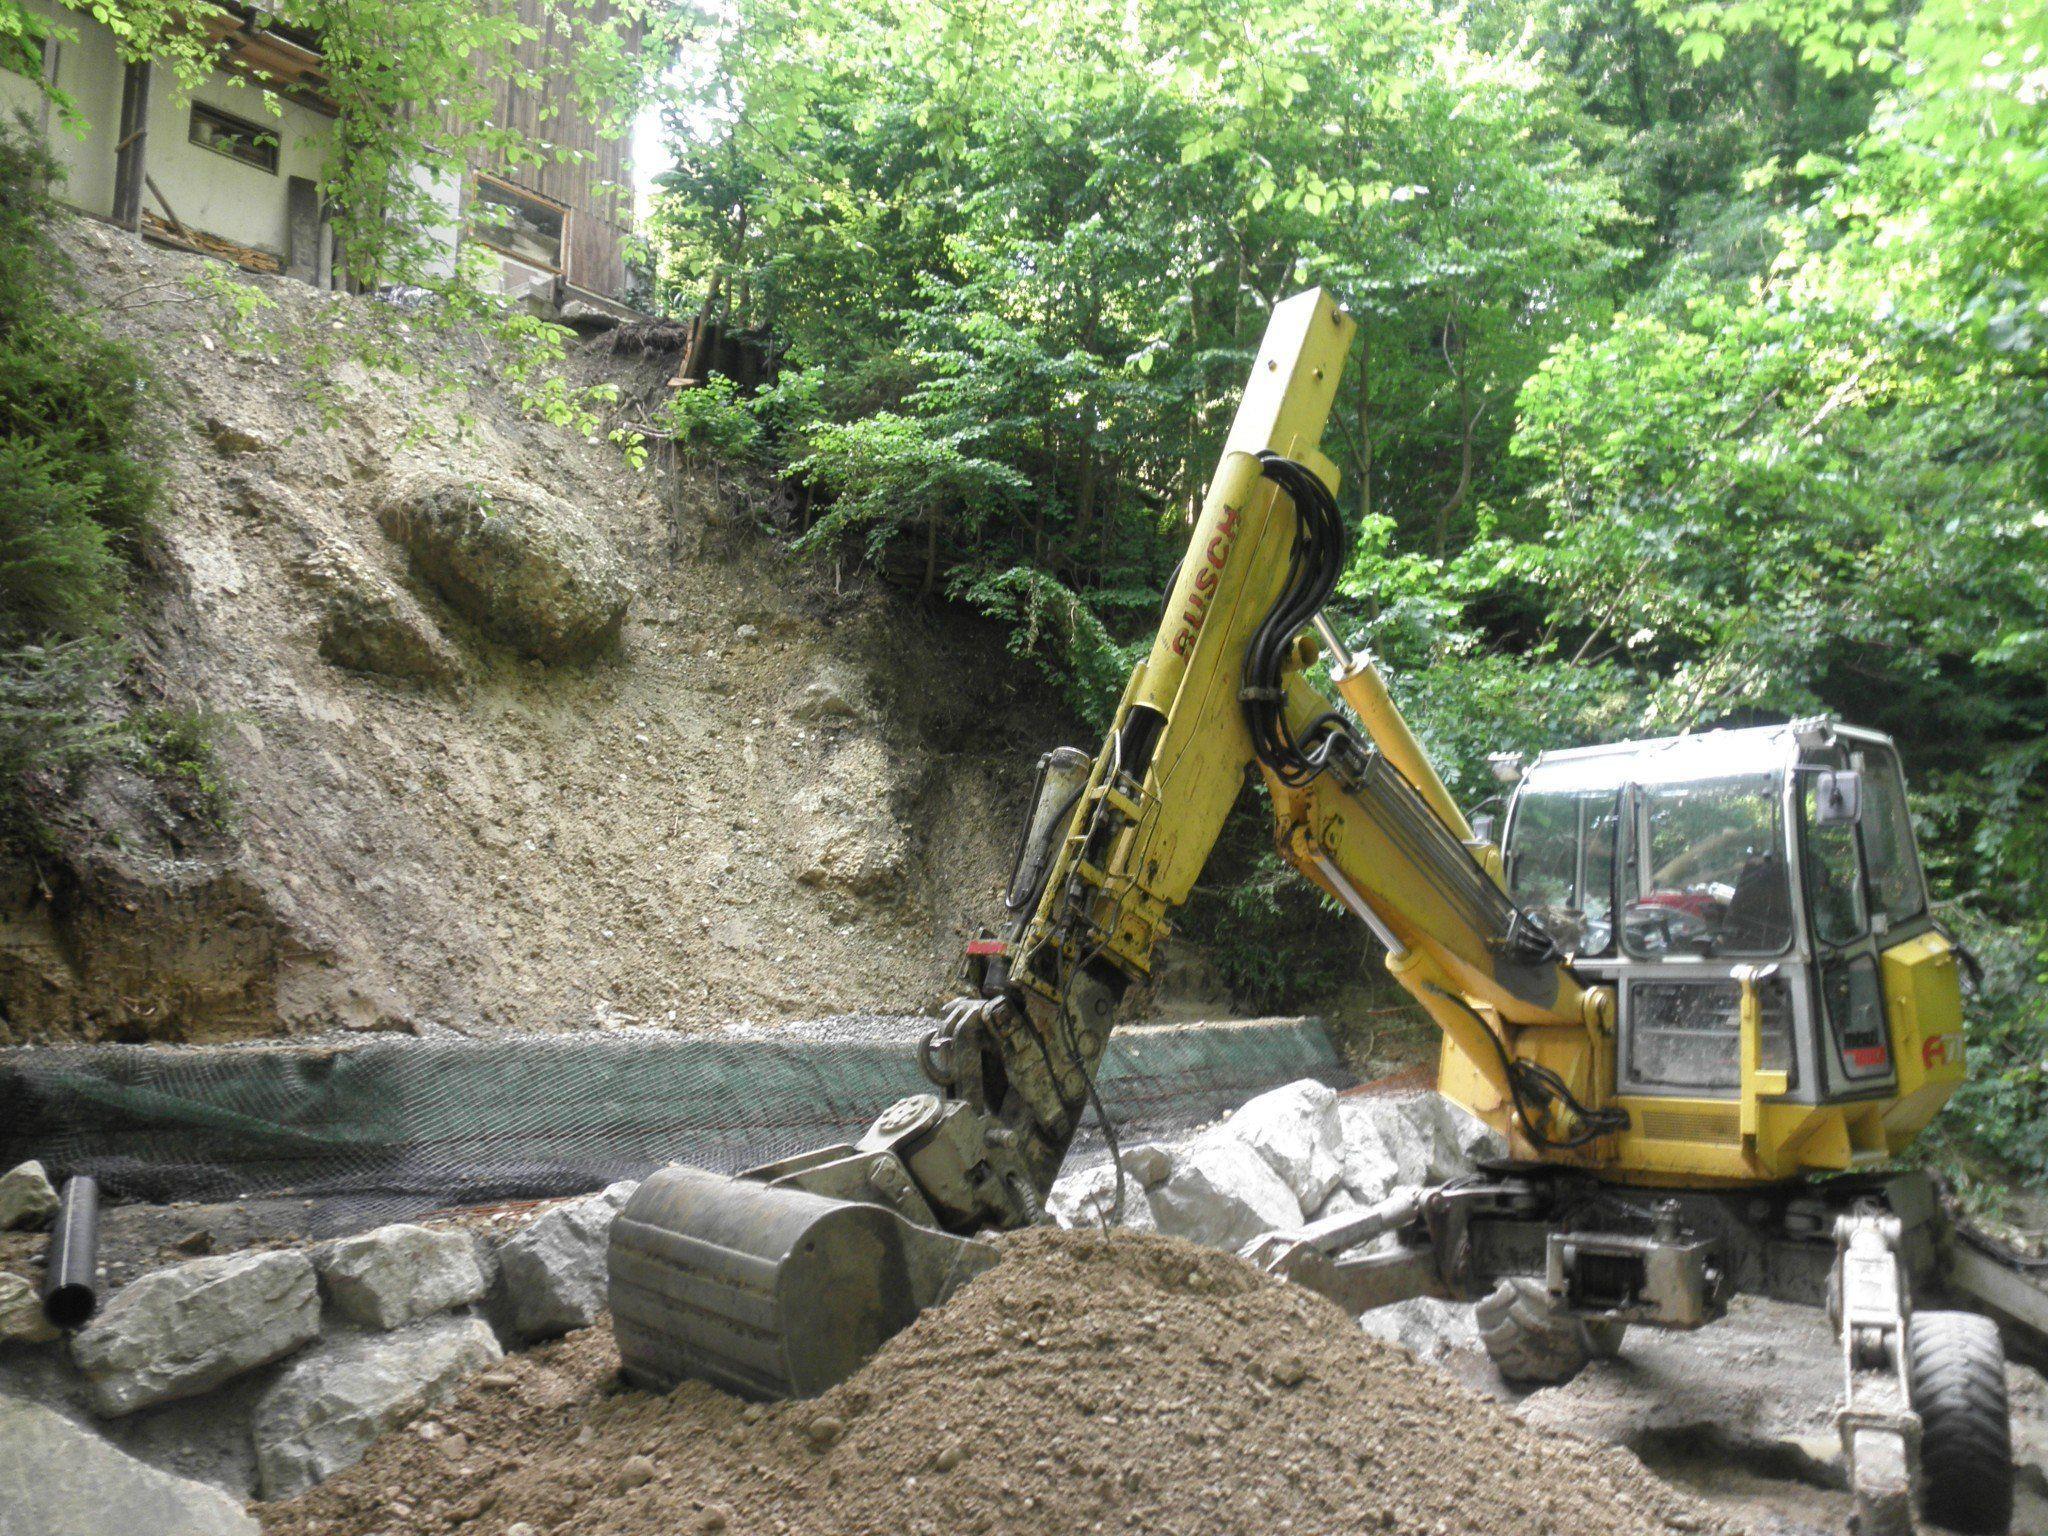 Eine massive Hangrutschung erforderte diese Sofortsanierung durch die Wildbach- und Lawinenverbauung Gebietsbauleitung Bregenz.